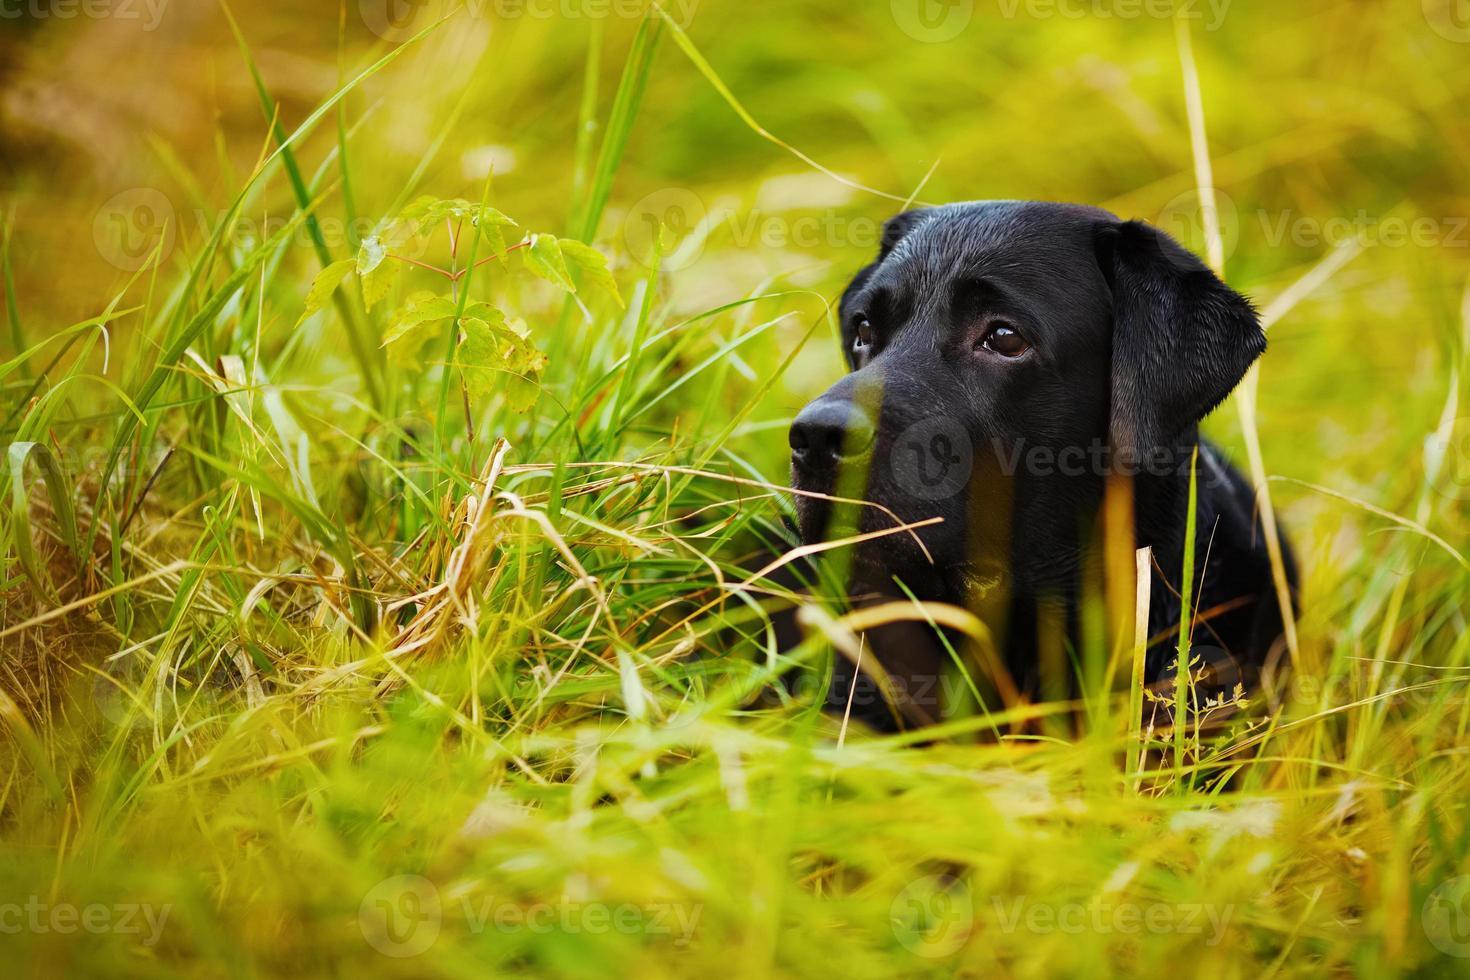 schwarzer Labrador versteckt sich im Gras foto